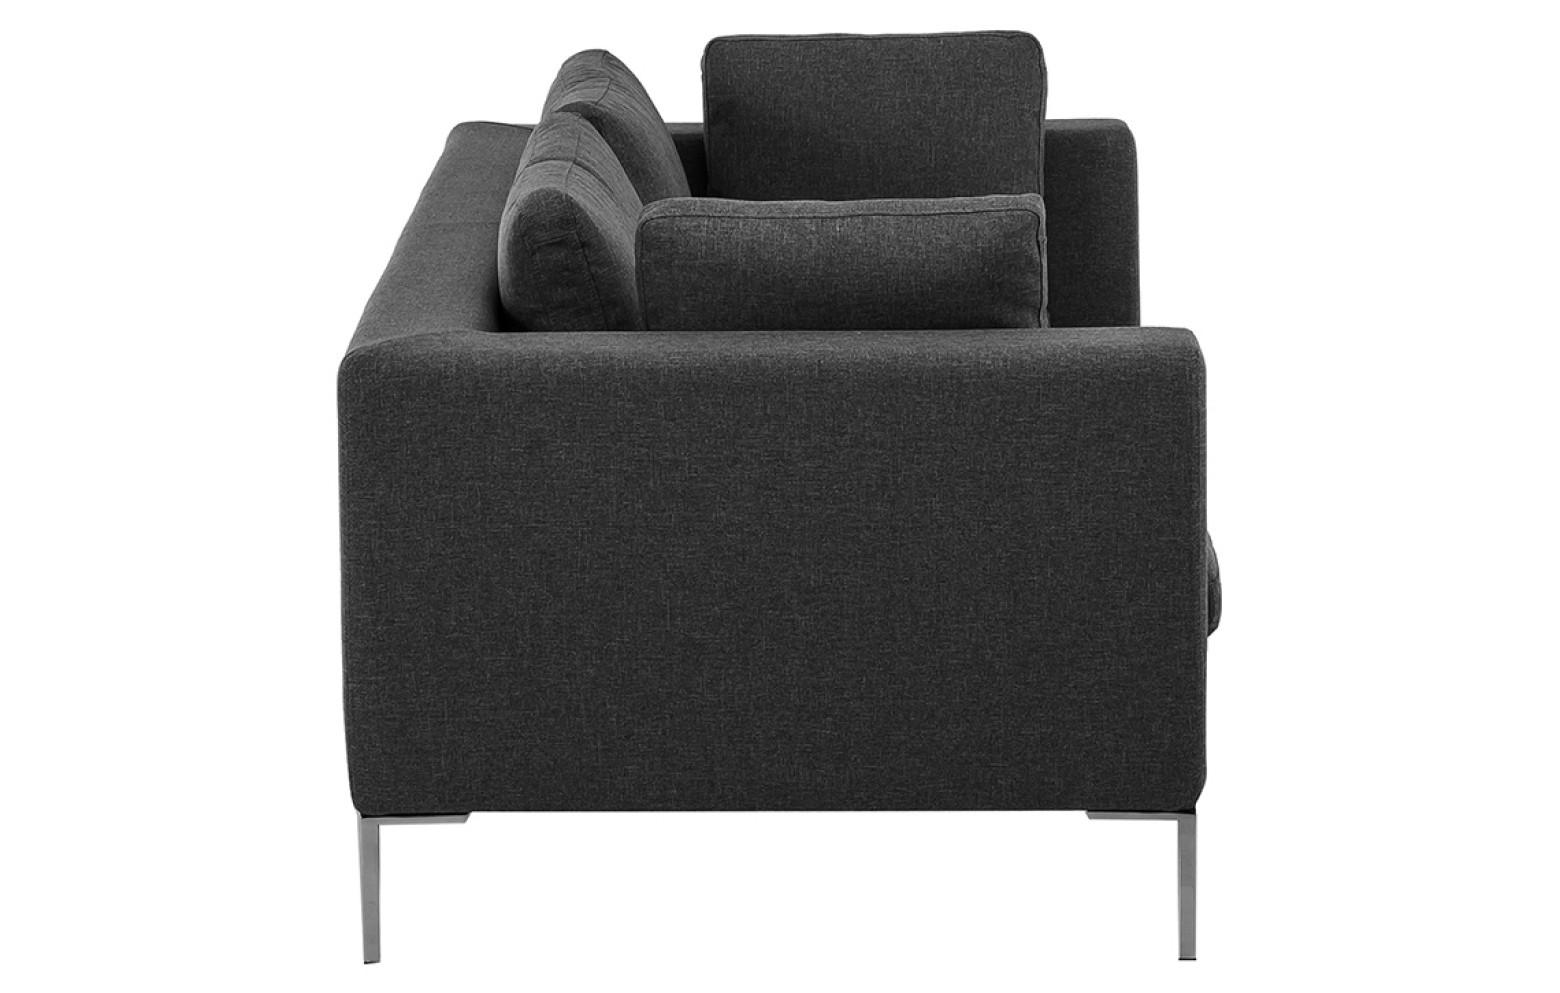 wo werden xora mbel hergestellt stunning screenshot image with wo werden xora mbel hergestellt. Black Bedroom Furniture Sets. Home Design Ideas